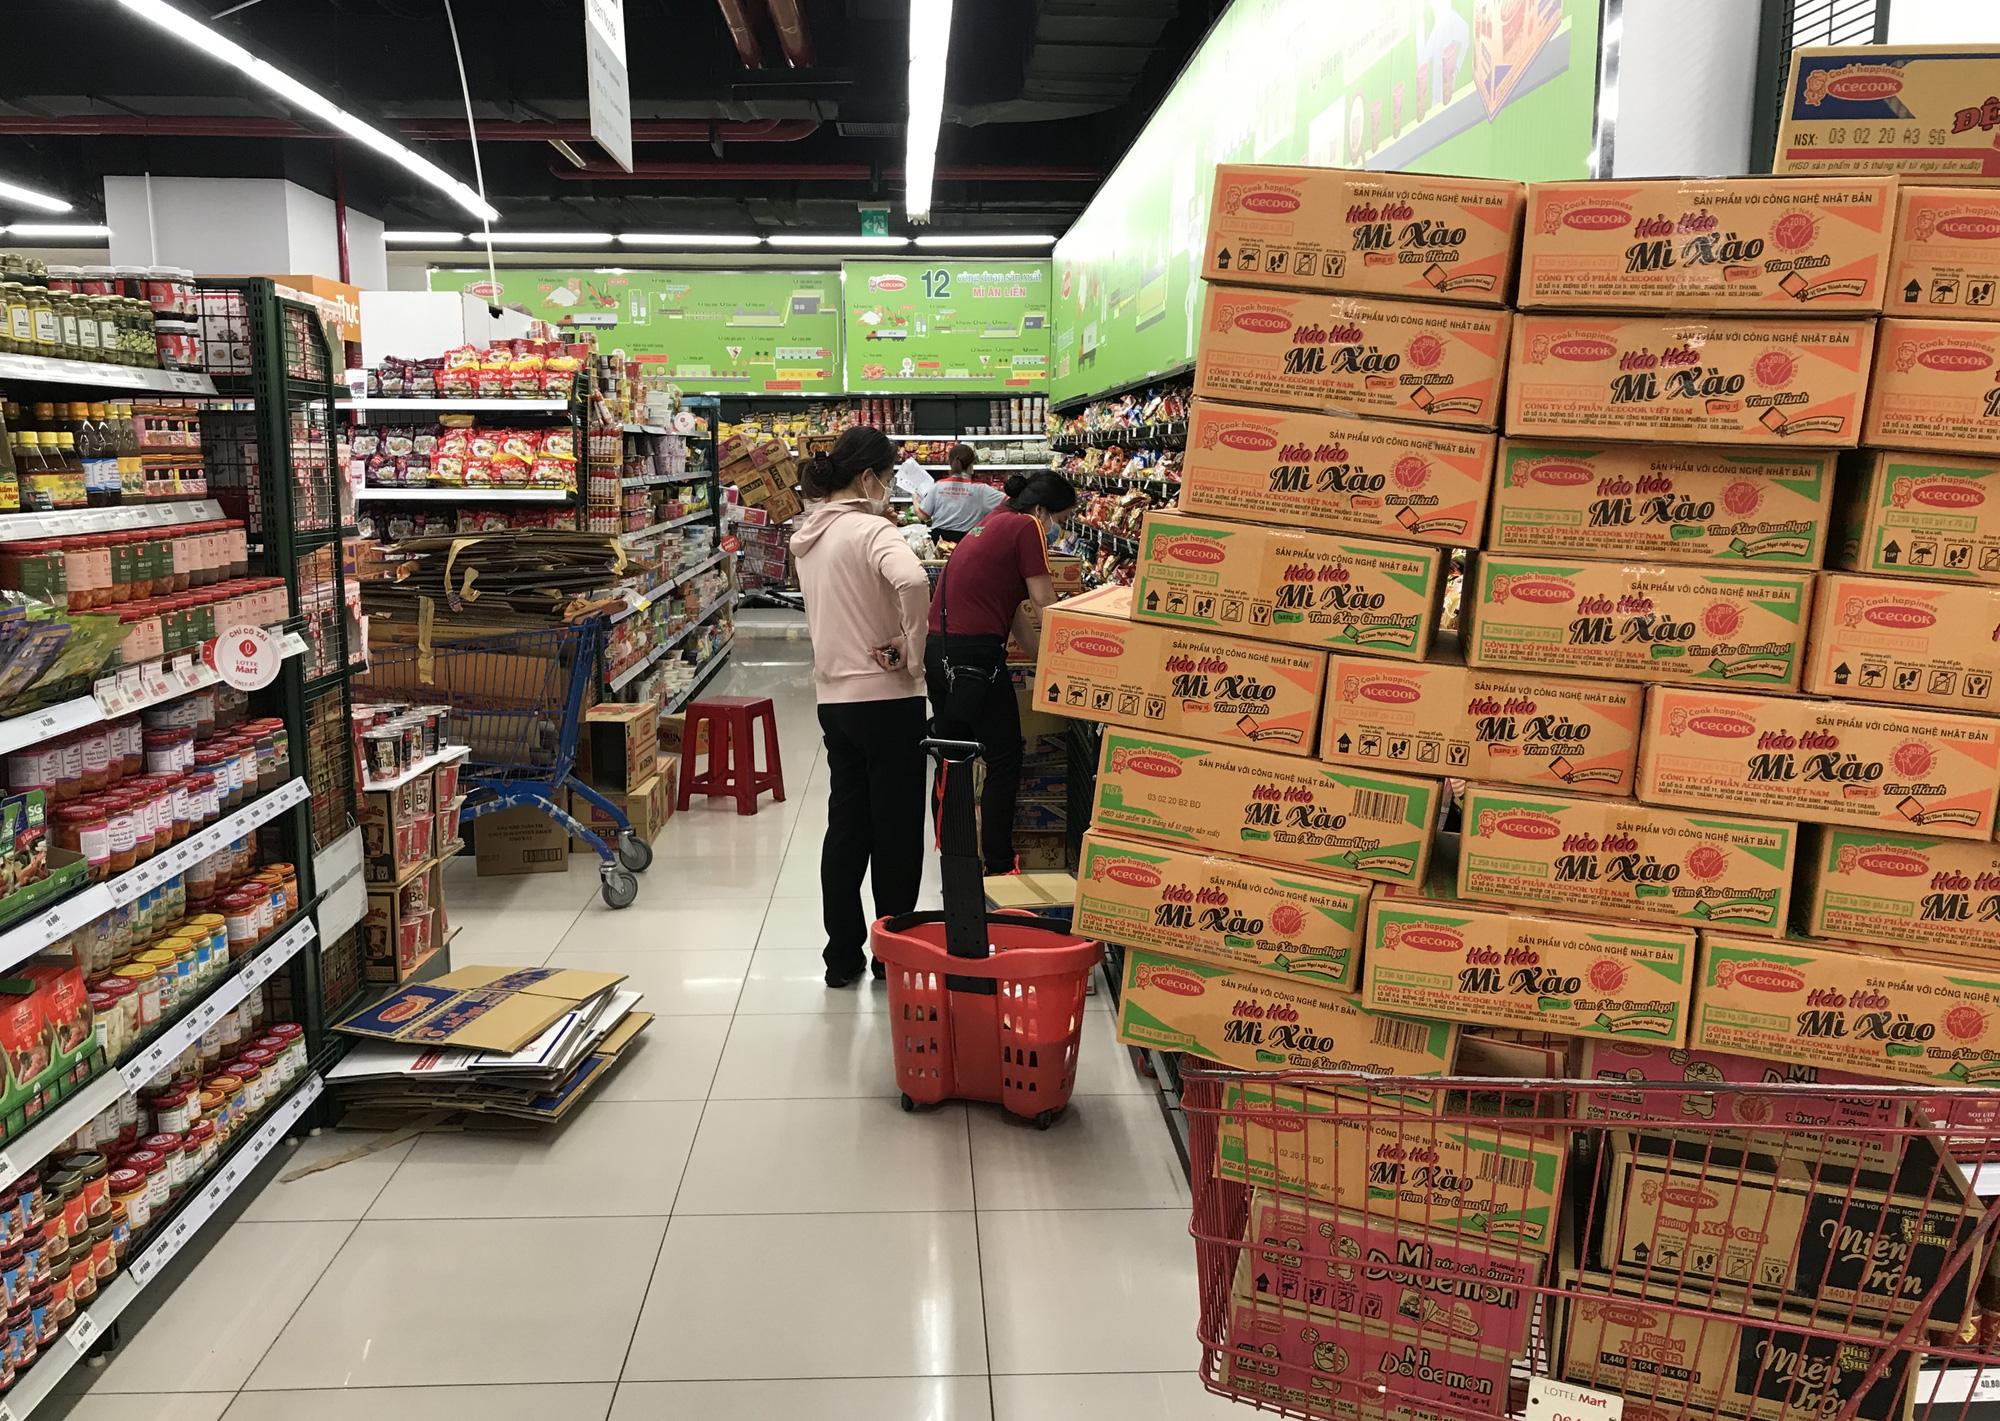 Chợ, siêu thị mở cửa bình thường, Co.opmart, Big C, VinMart cam kết hàng lúc nào cũng có, ăn 3-6 tháng không hết - Ảnh 3.